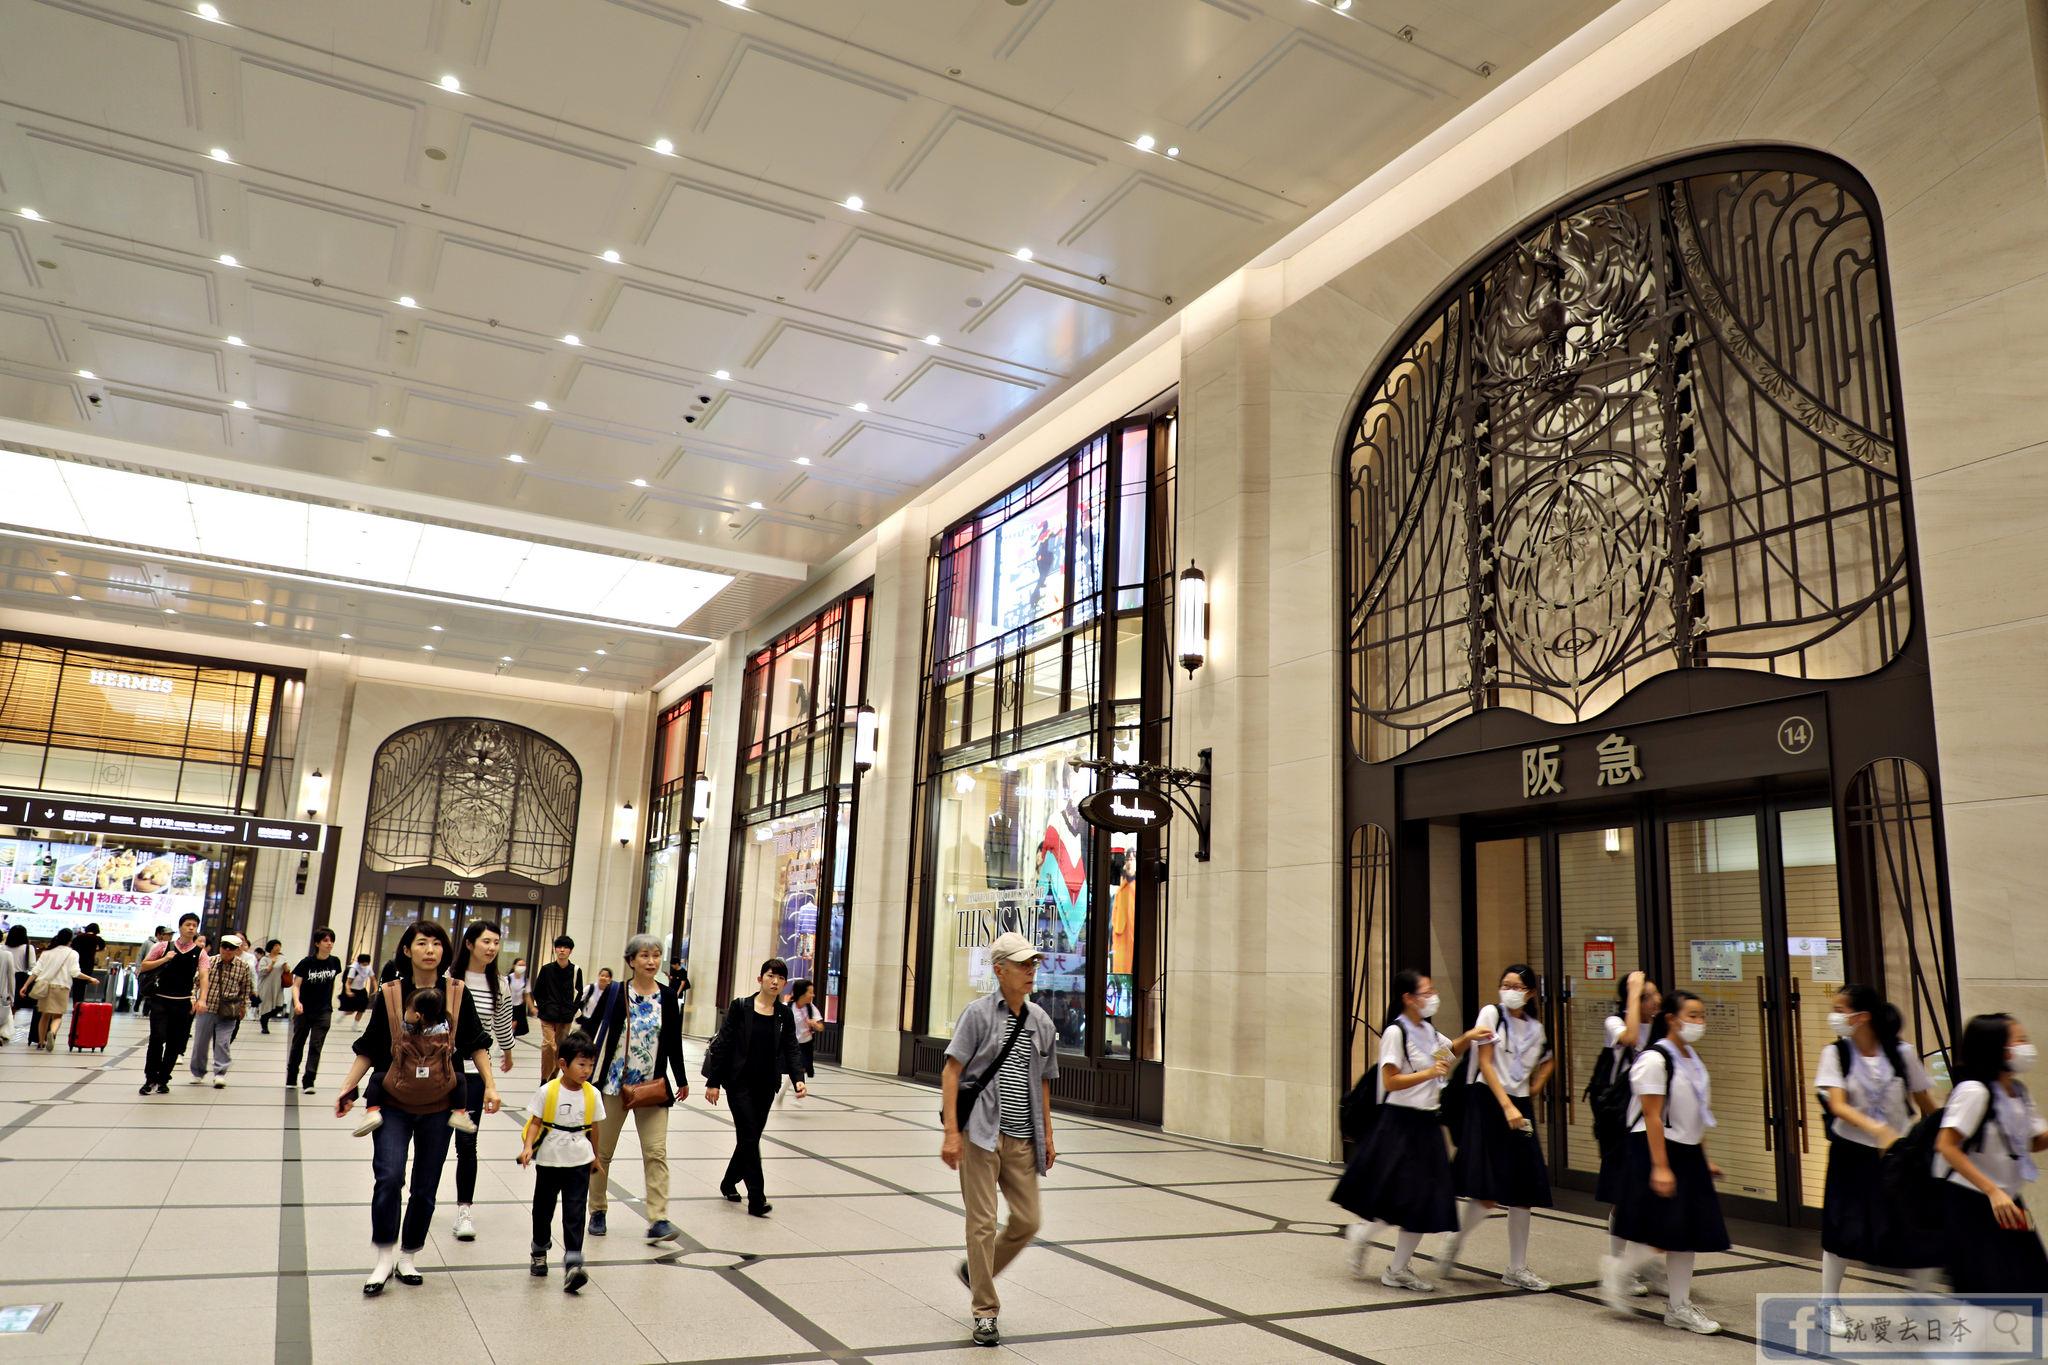 大阪 梅田 美食購物-阪急32番街景觀餐廳:鶴橋風月大阪燒、寶塚歌劇團專賣店「Quatre Rêves(四個夢)」 @愛旅行 - 右上的世界食旅